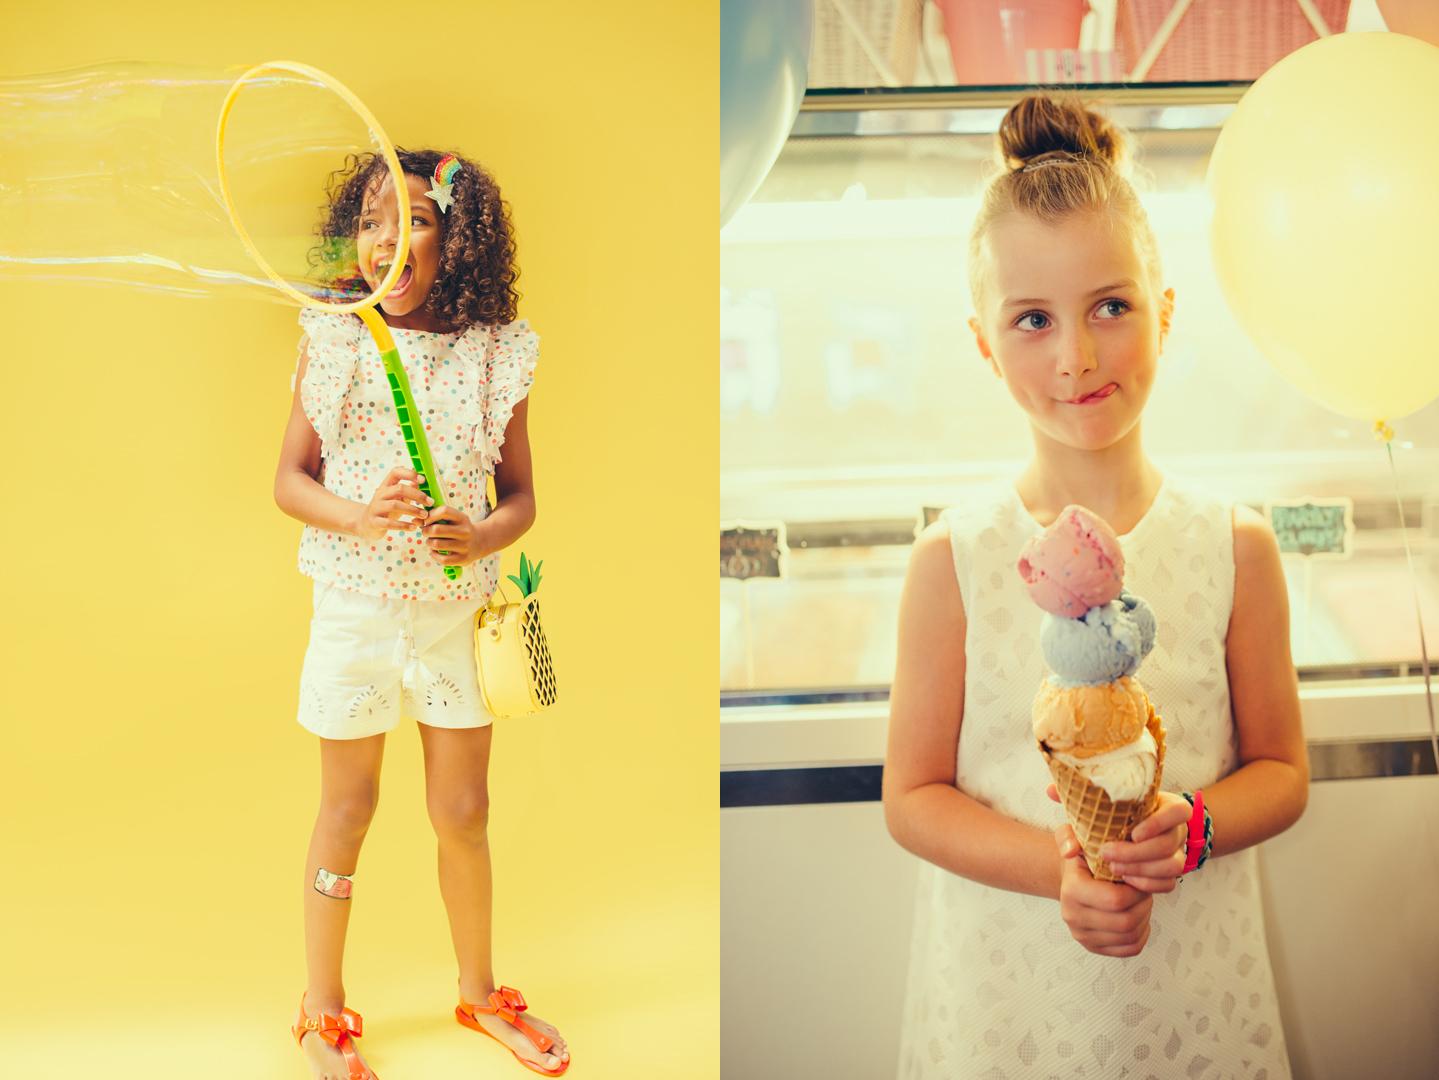 Ice cream girls 2.jpg